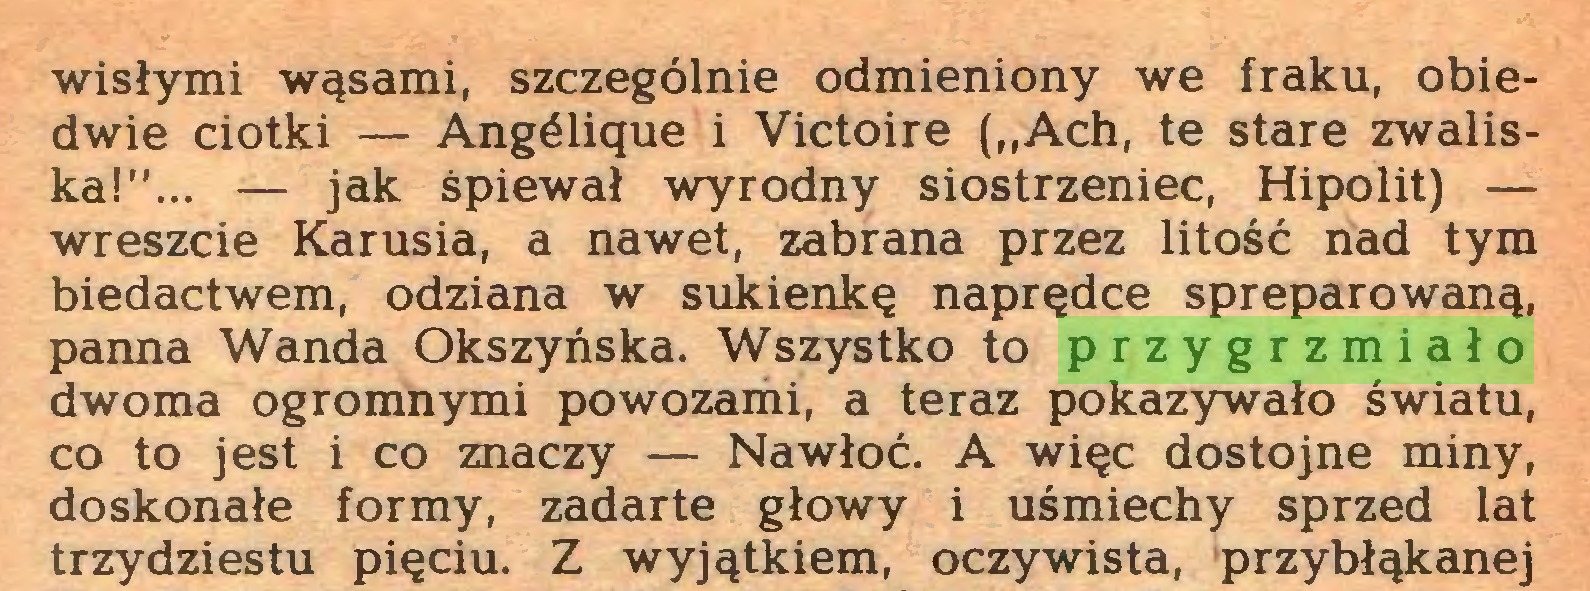 """(...) wisłymi wąsami, szczególnie odmieniony we fraku, obiedwie ciotki — Angélique i Victoire (""""Ach, te stare zwaliska!""""... — jak śpiewał wyrodny siostrzeniec, Hipolit) — wreszcie Karusia, a nawet, zabrana przez litość nad tym biedactwem, odziana w sukienkę naprędce spreparowaną, panna Wanda Okszyńska. Wszystko to przygrzmiało dwoma ogromnymi powozami, a teraz pokazywało światu, co to jest i co znaczy — Nawłoć. A więc dostojne miny, doskonałe formy, zadarte głowy i uśmiechy sprzed lat trzydziestu pięciu. Z wyjątkiem, oczywista, przybłąkanej..."""